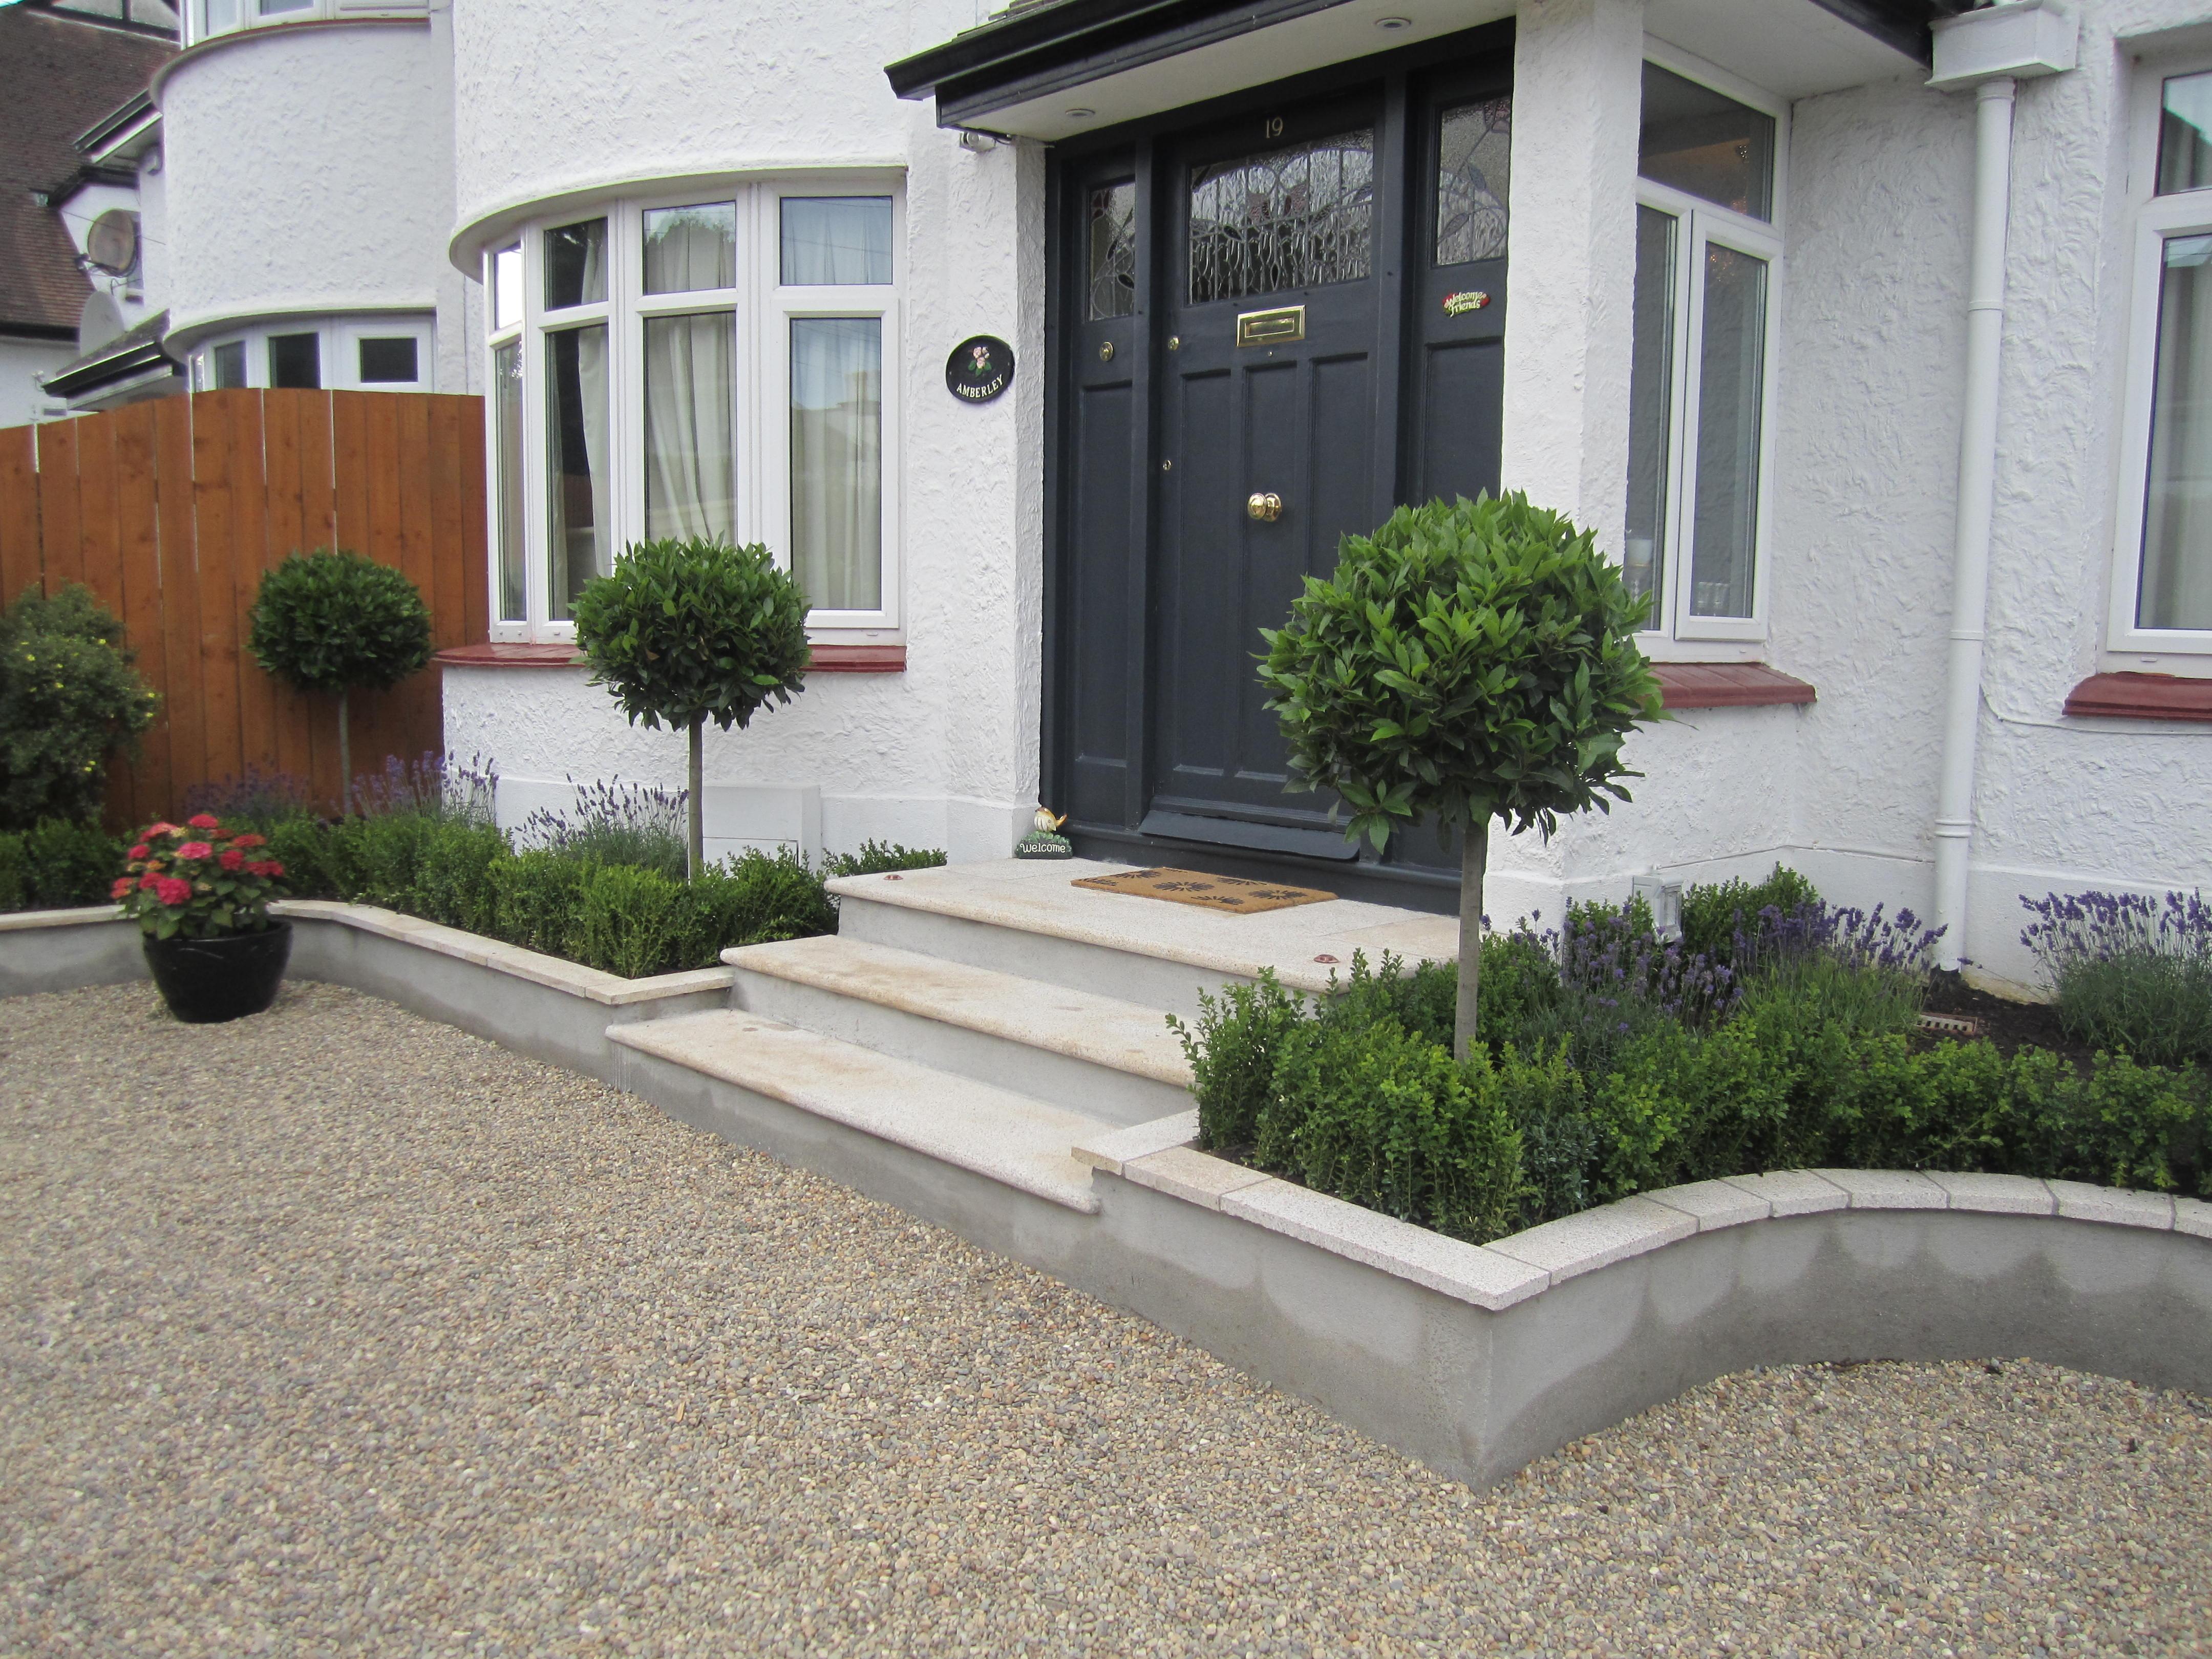 planting for garden designs dublin landscaping